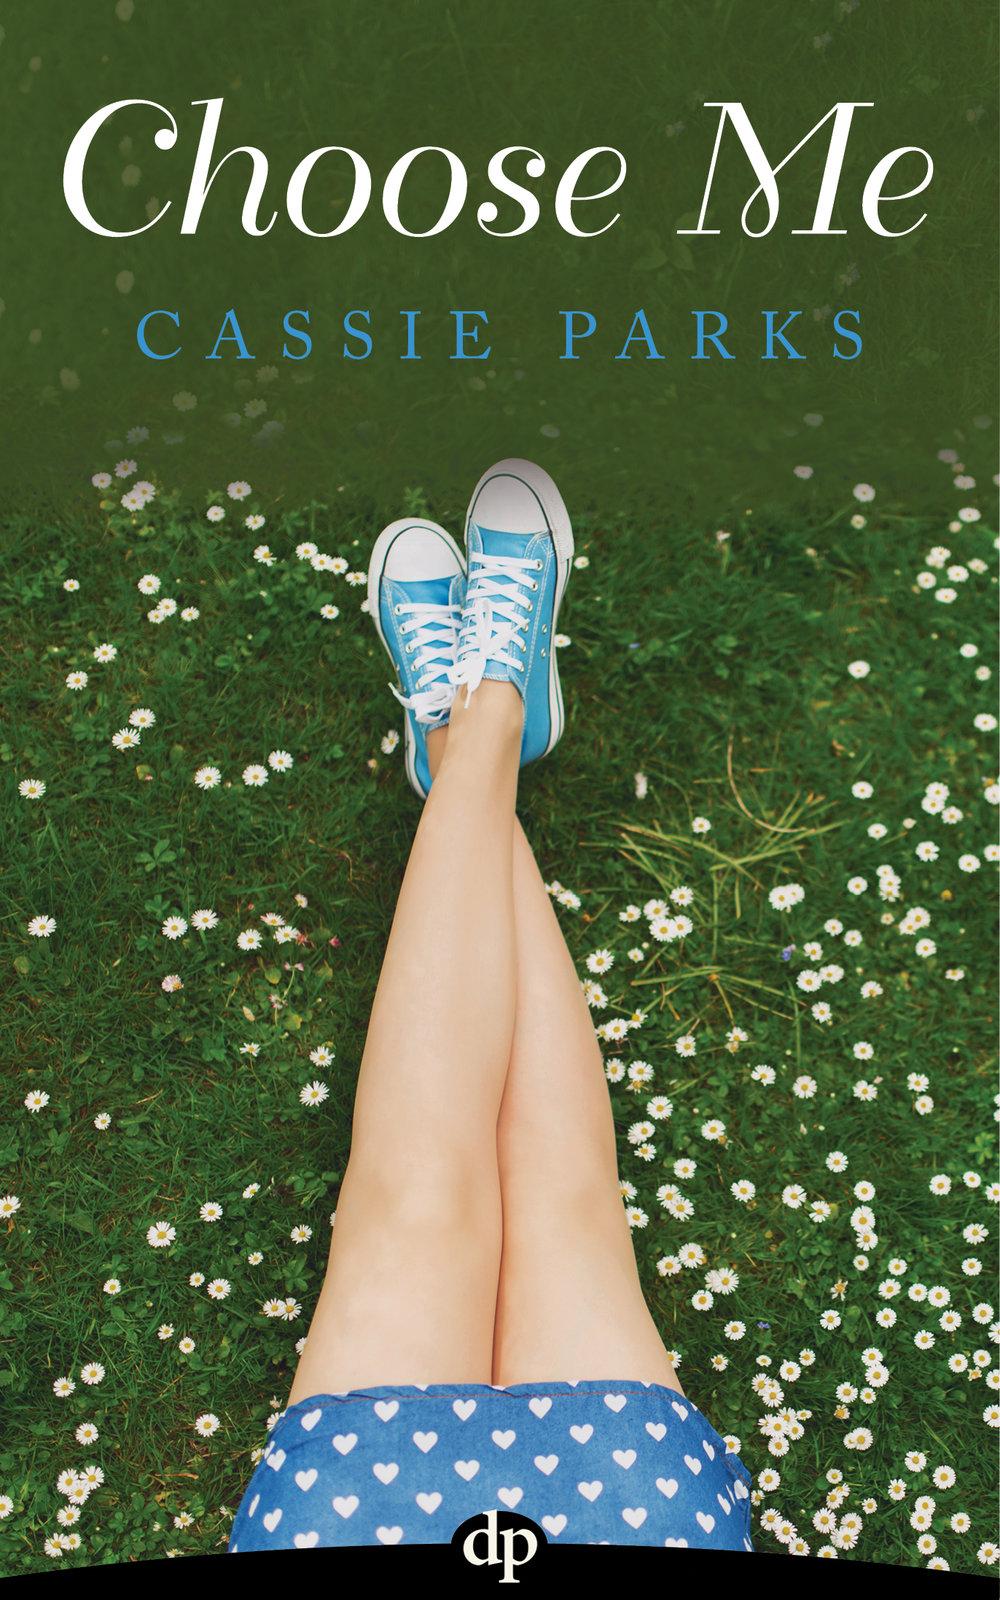 Parks_ChooseMe-ebk-Approved.jpg